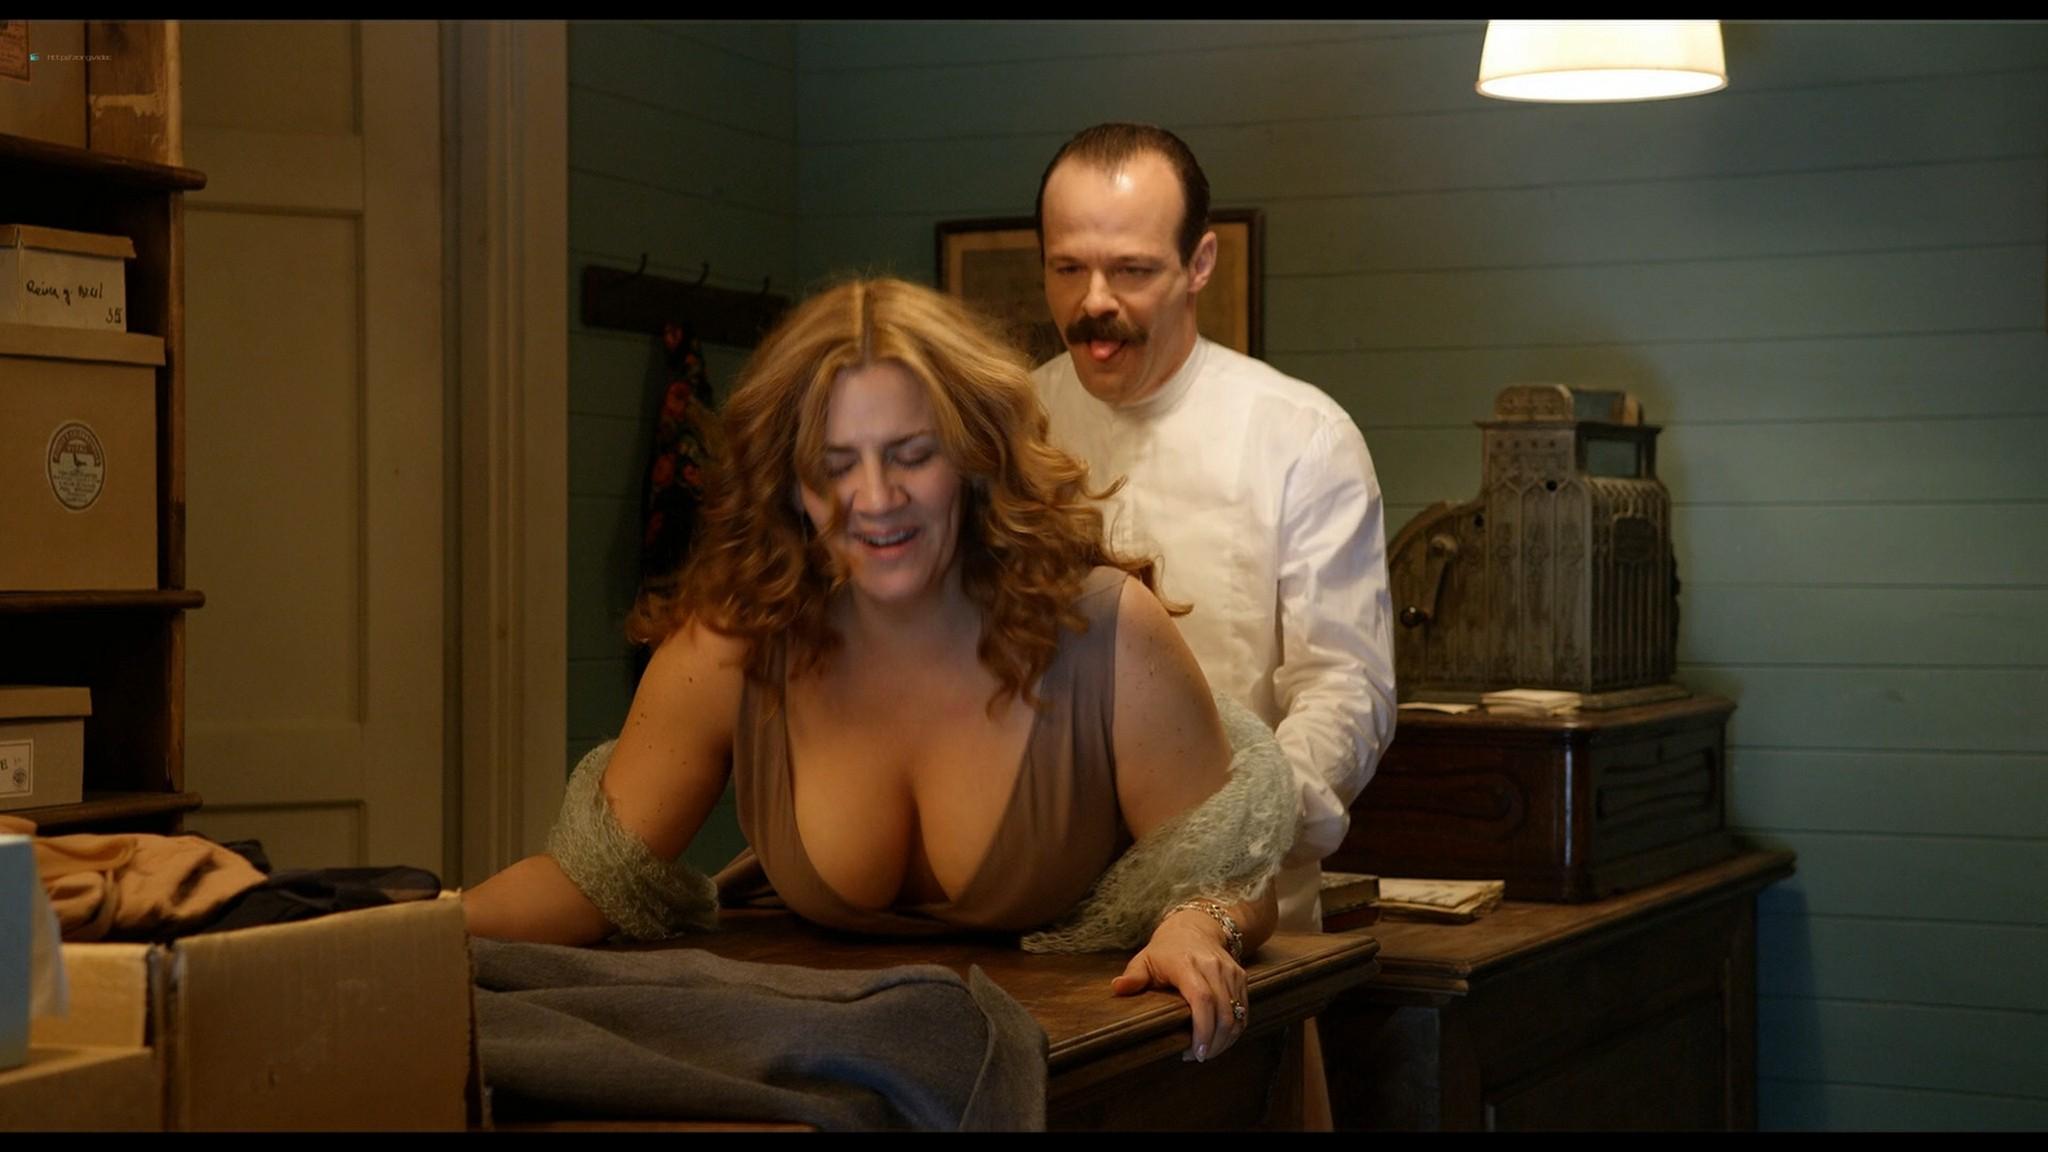 Pamela Flores nude full frontal - La danza de la realidad (2013) HD 1080p BluRay REMUX (15)